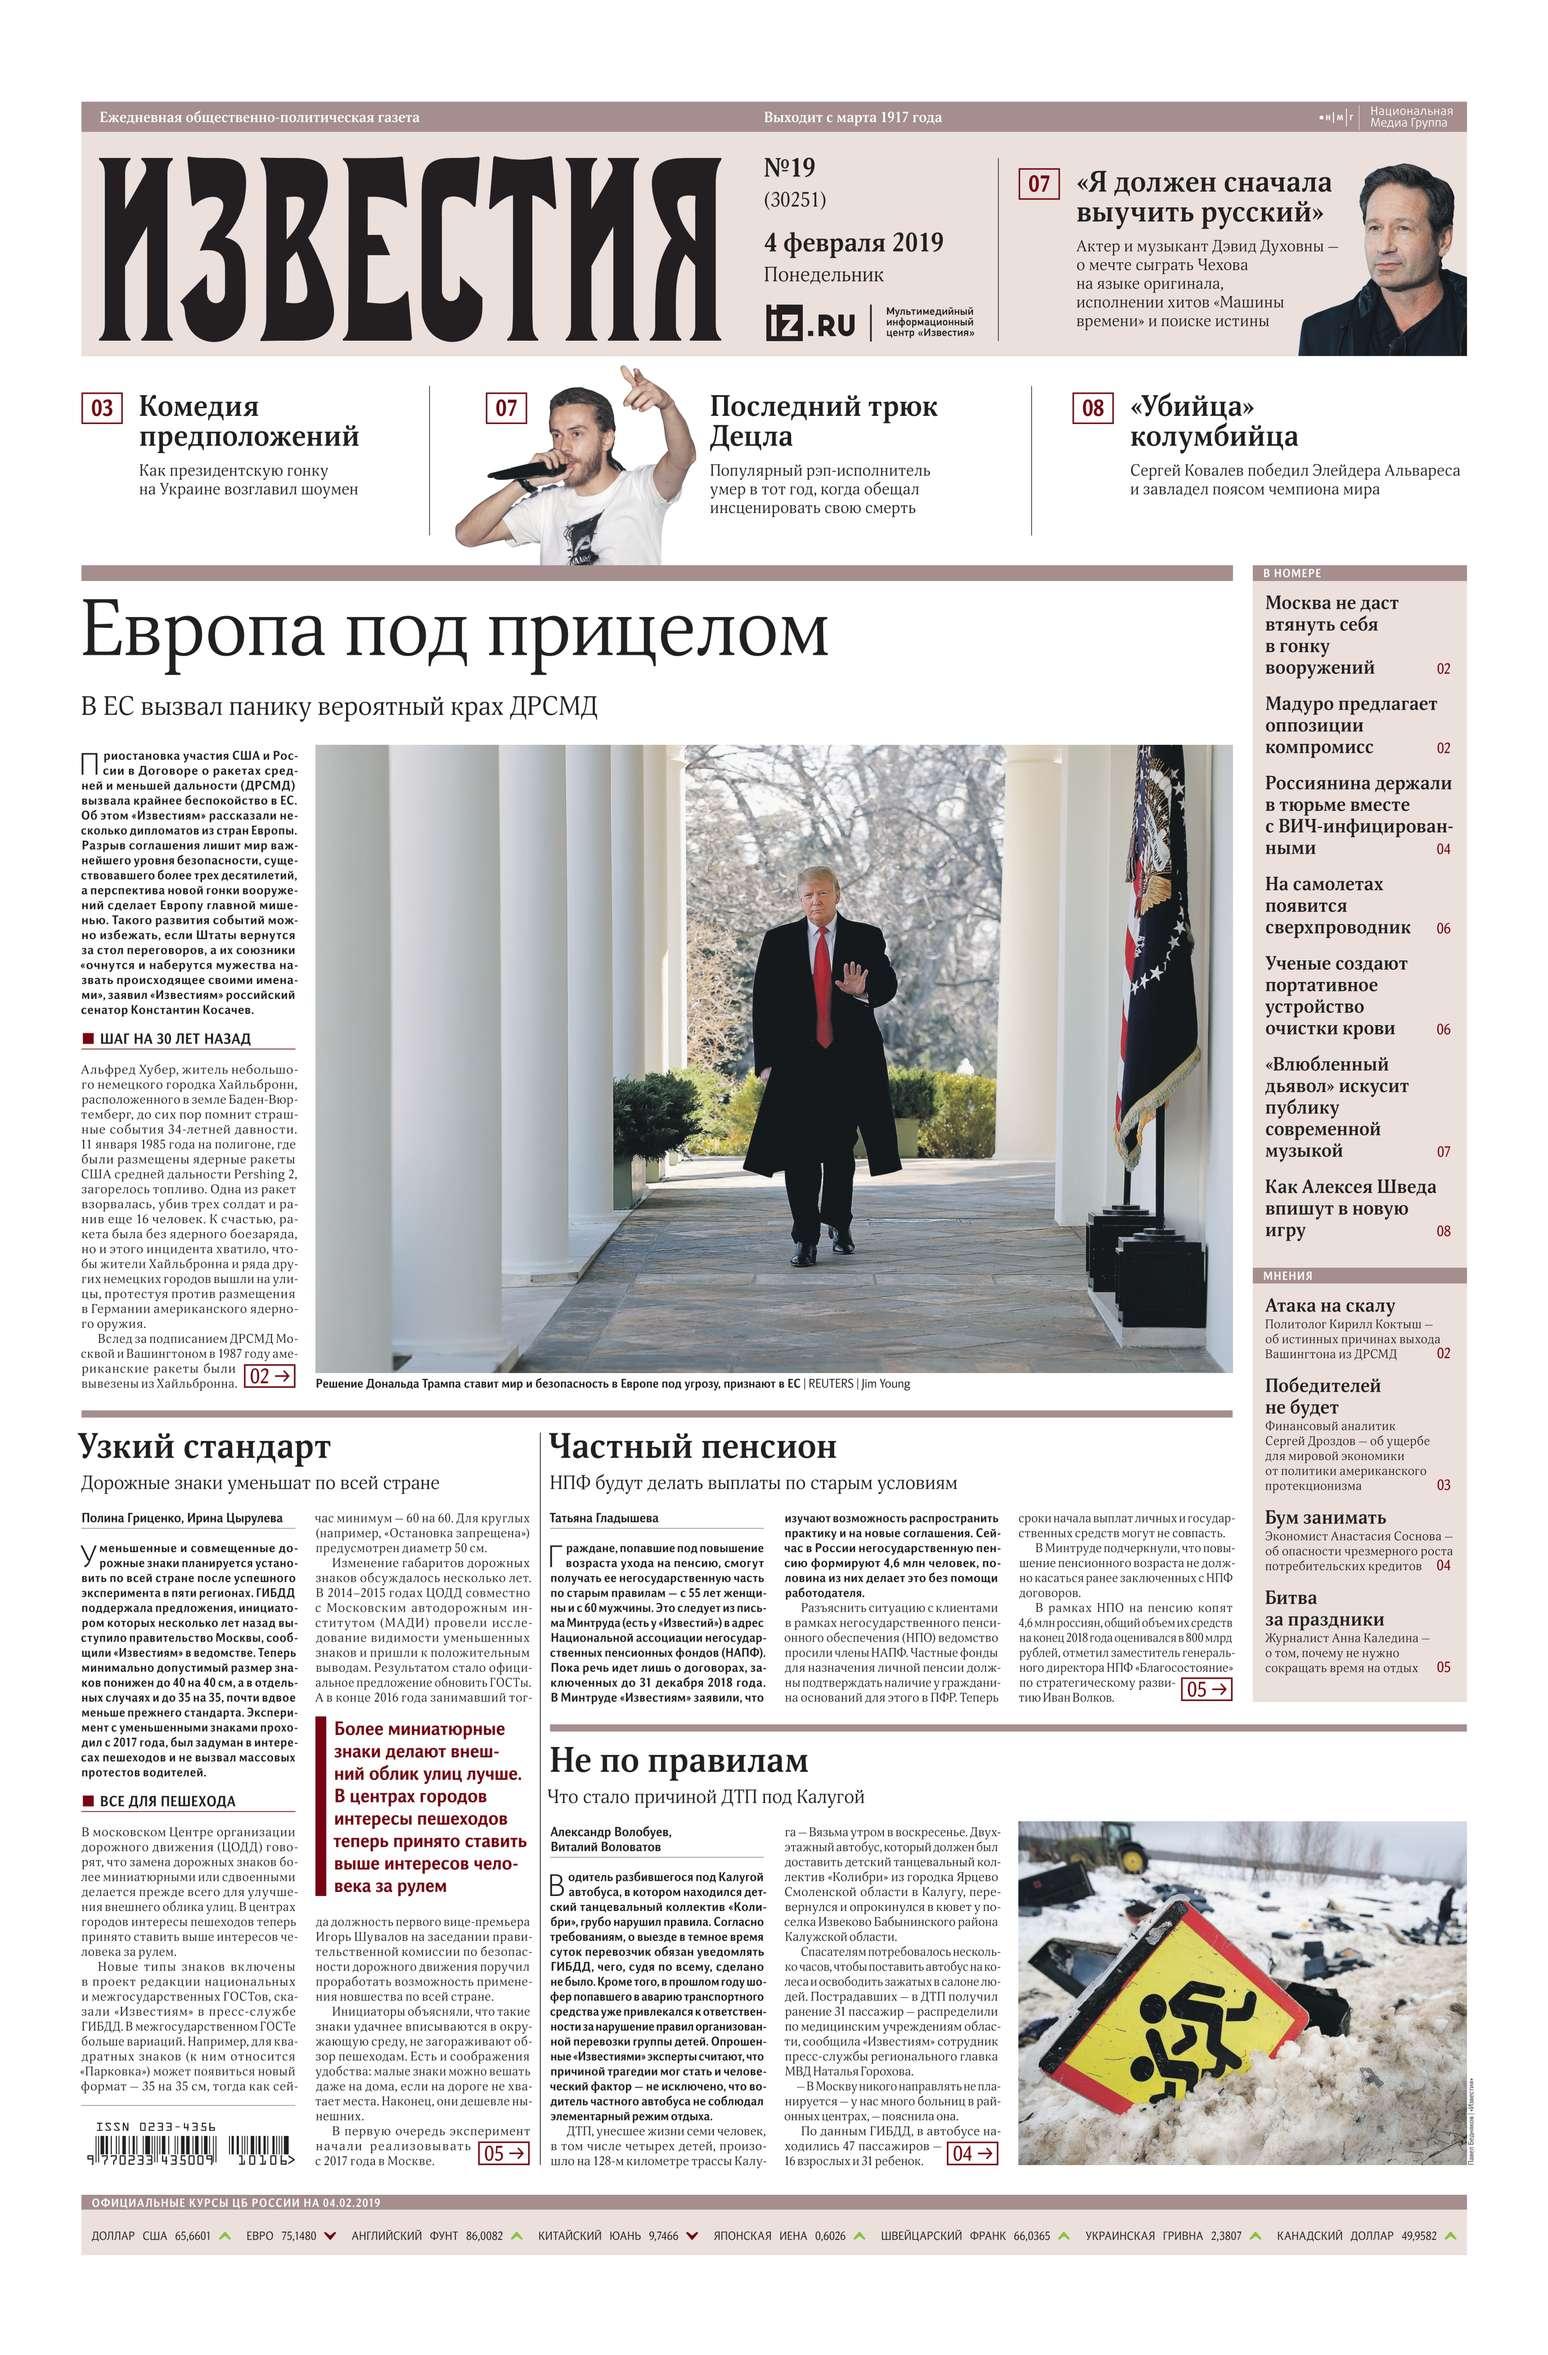 Известия 19-2019